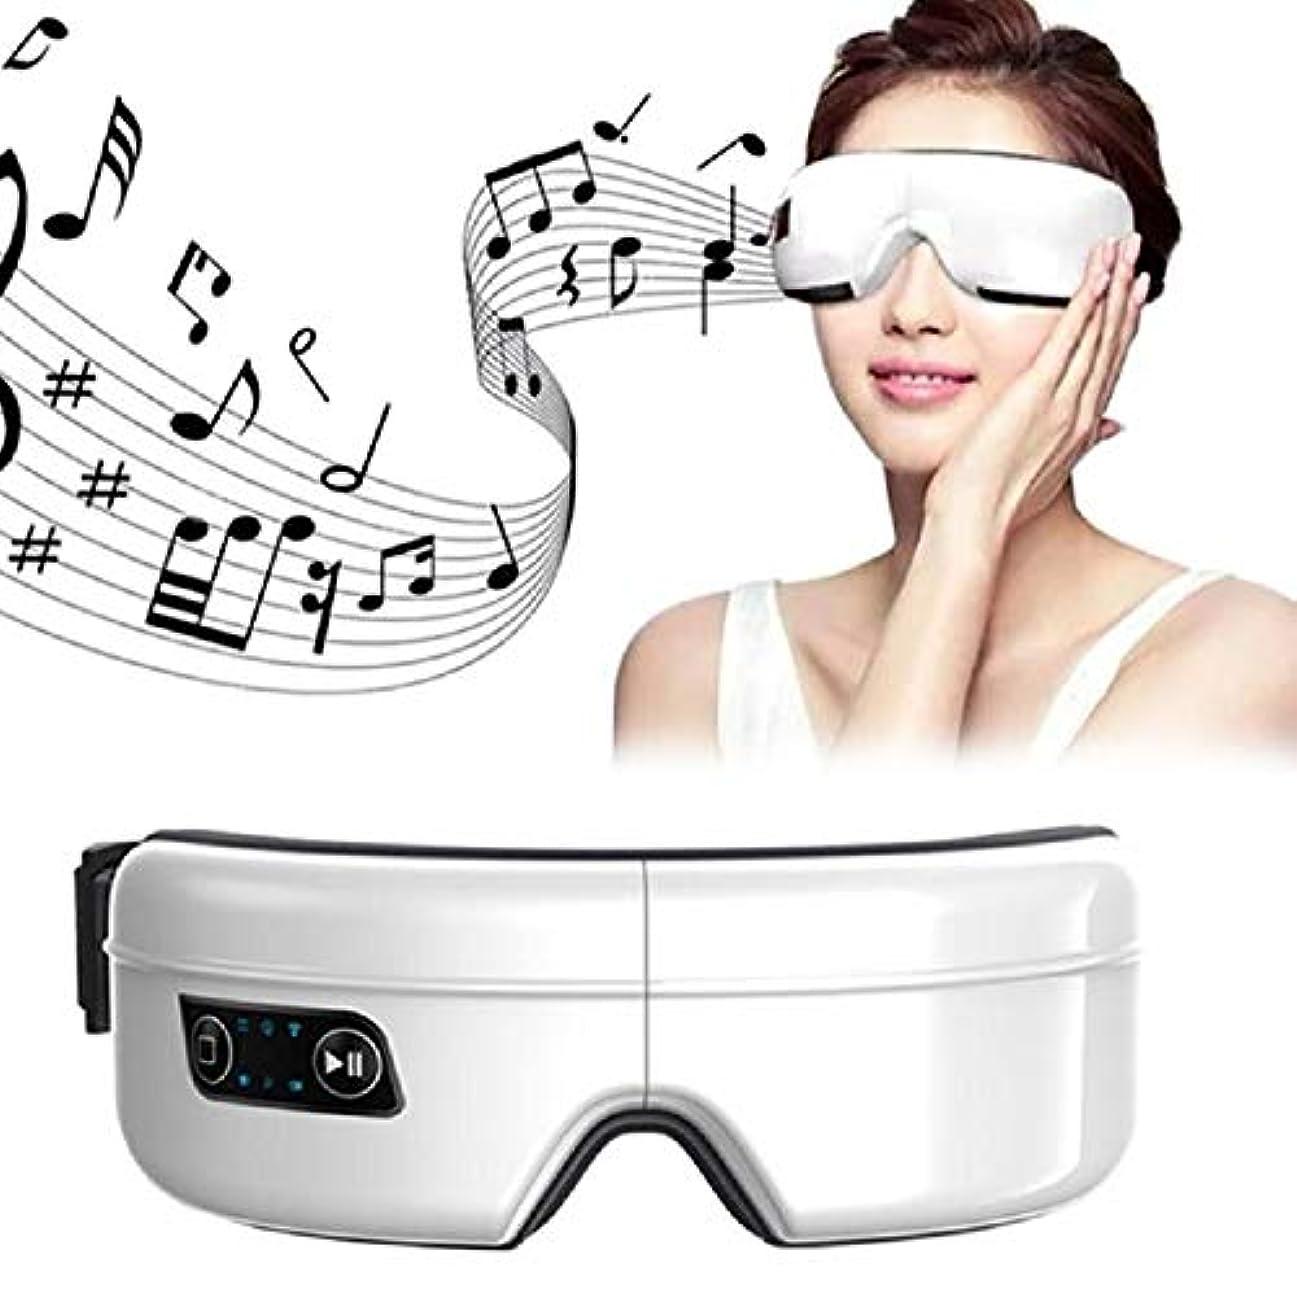 警察事件、出来事政権Ruzzy 高度な電気ワイヤレスアイマッサージSPAの楽器、音楽充電式美容ツール 購入へようこそ